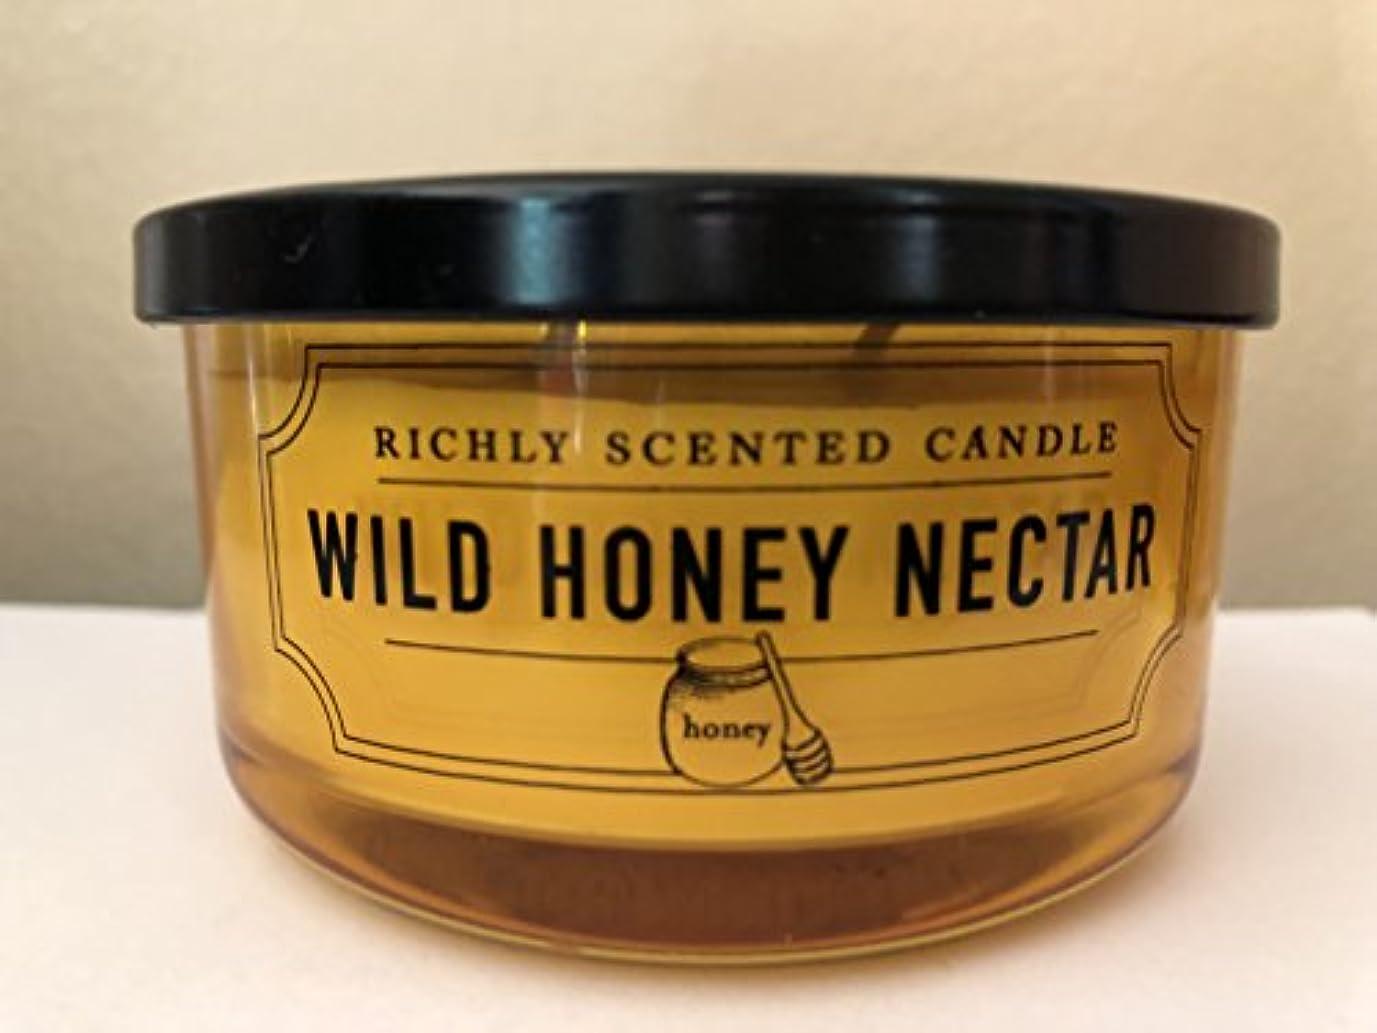 ダイエット有益受信DWホームWild Honey Nectar豊かな香りSmall 2 Wick Candle 4.65oz